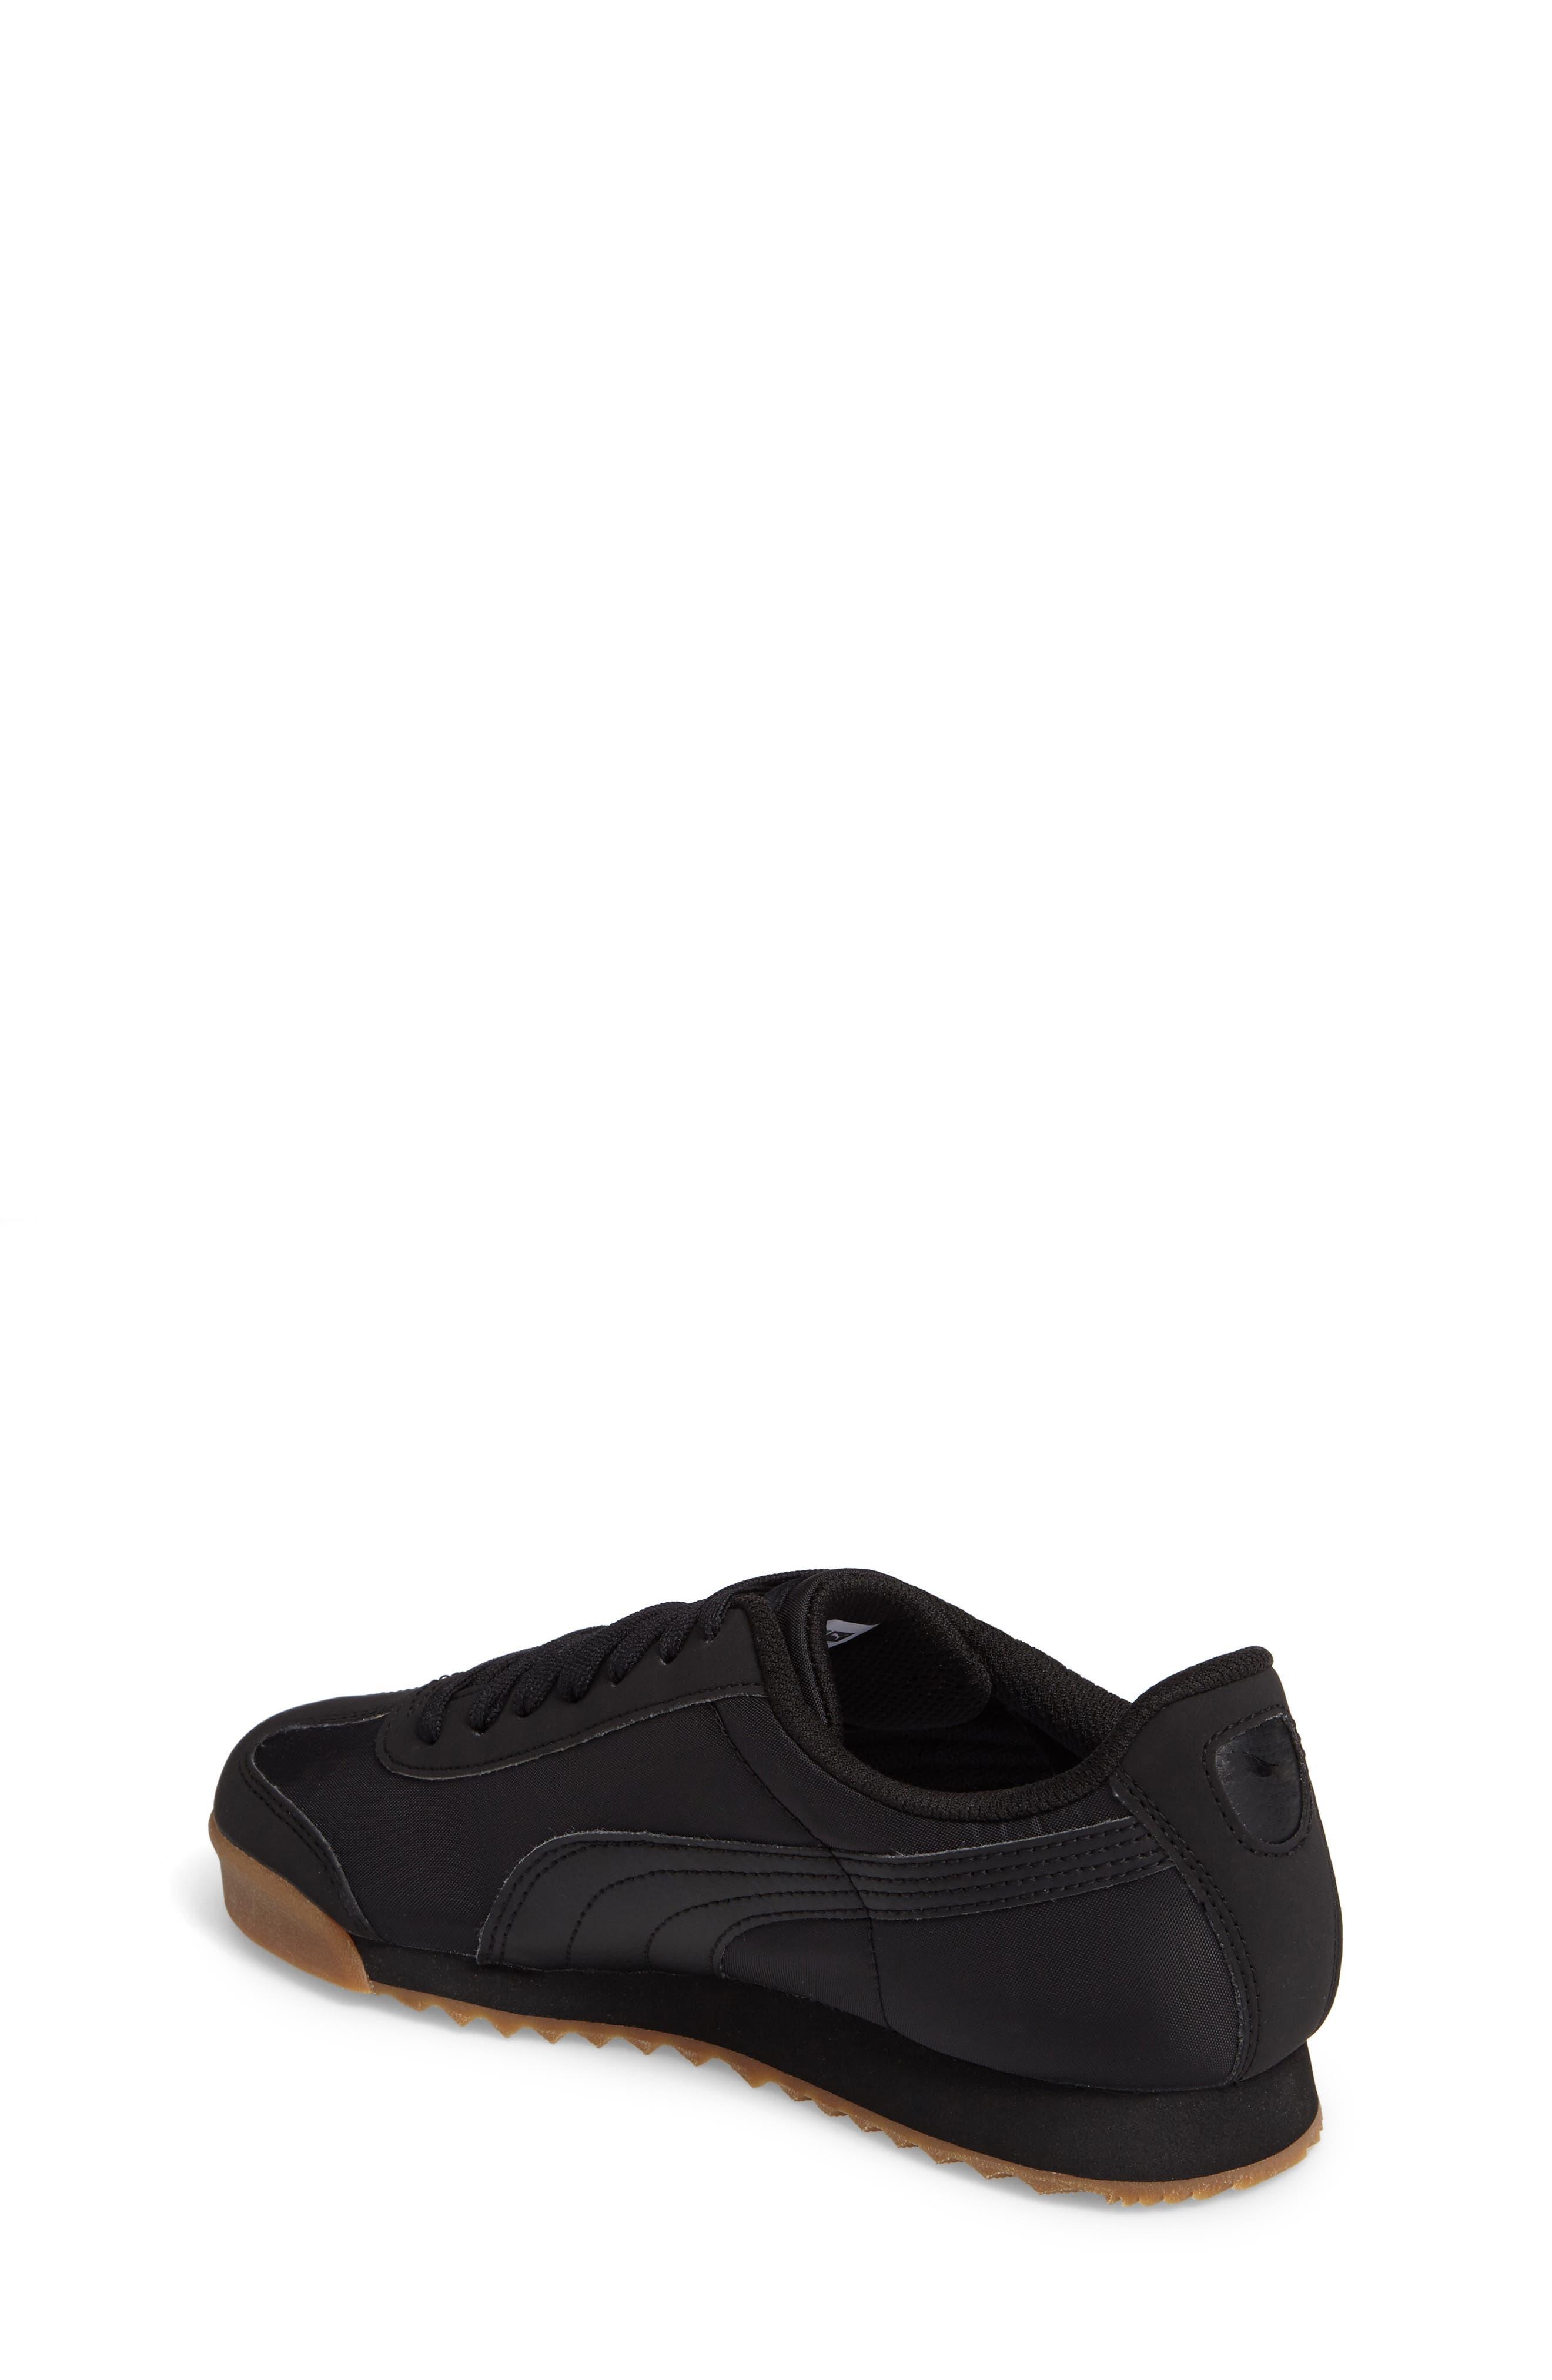 Roma Basic Summer Sneaker,                             Alternate thumbnail 2, color,                             001